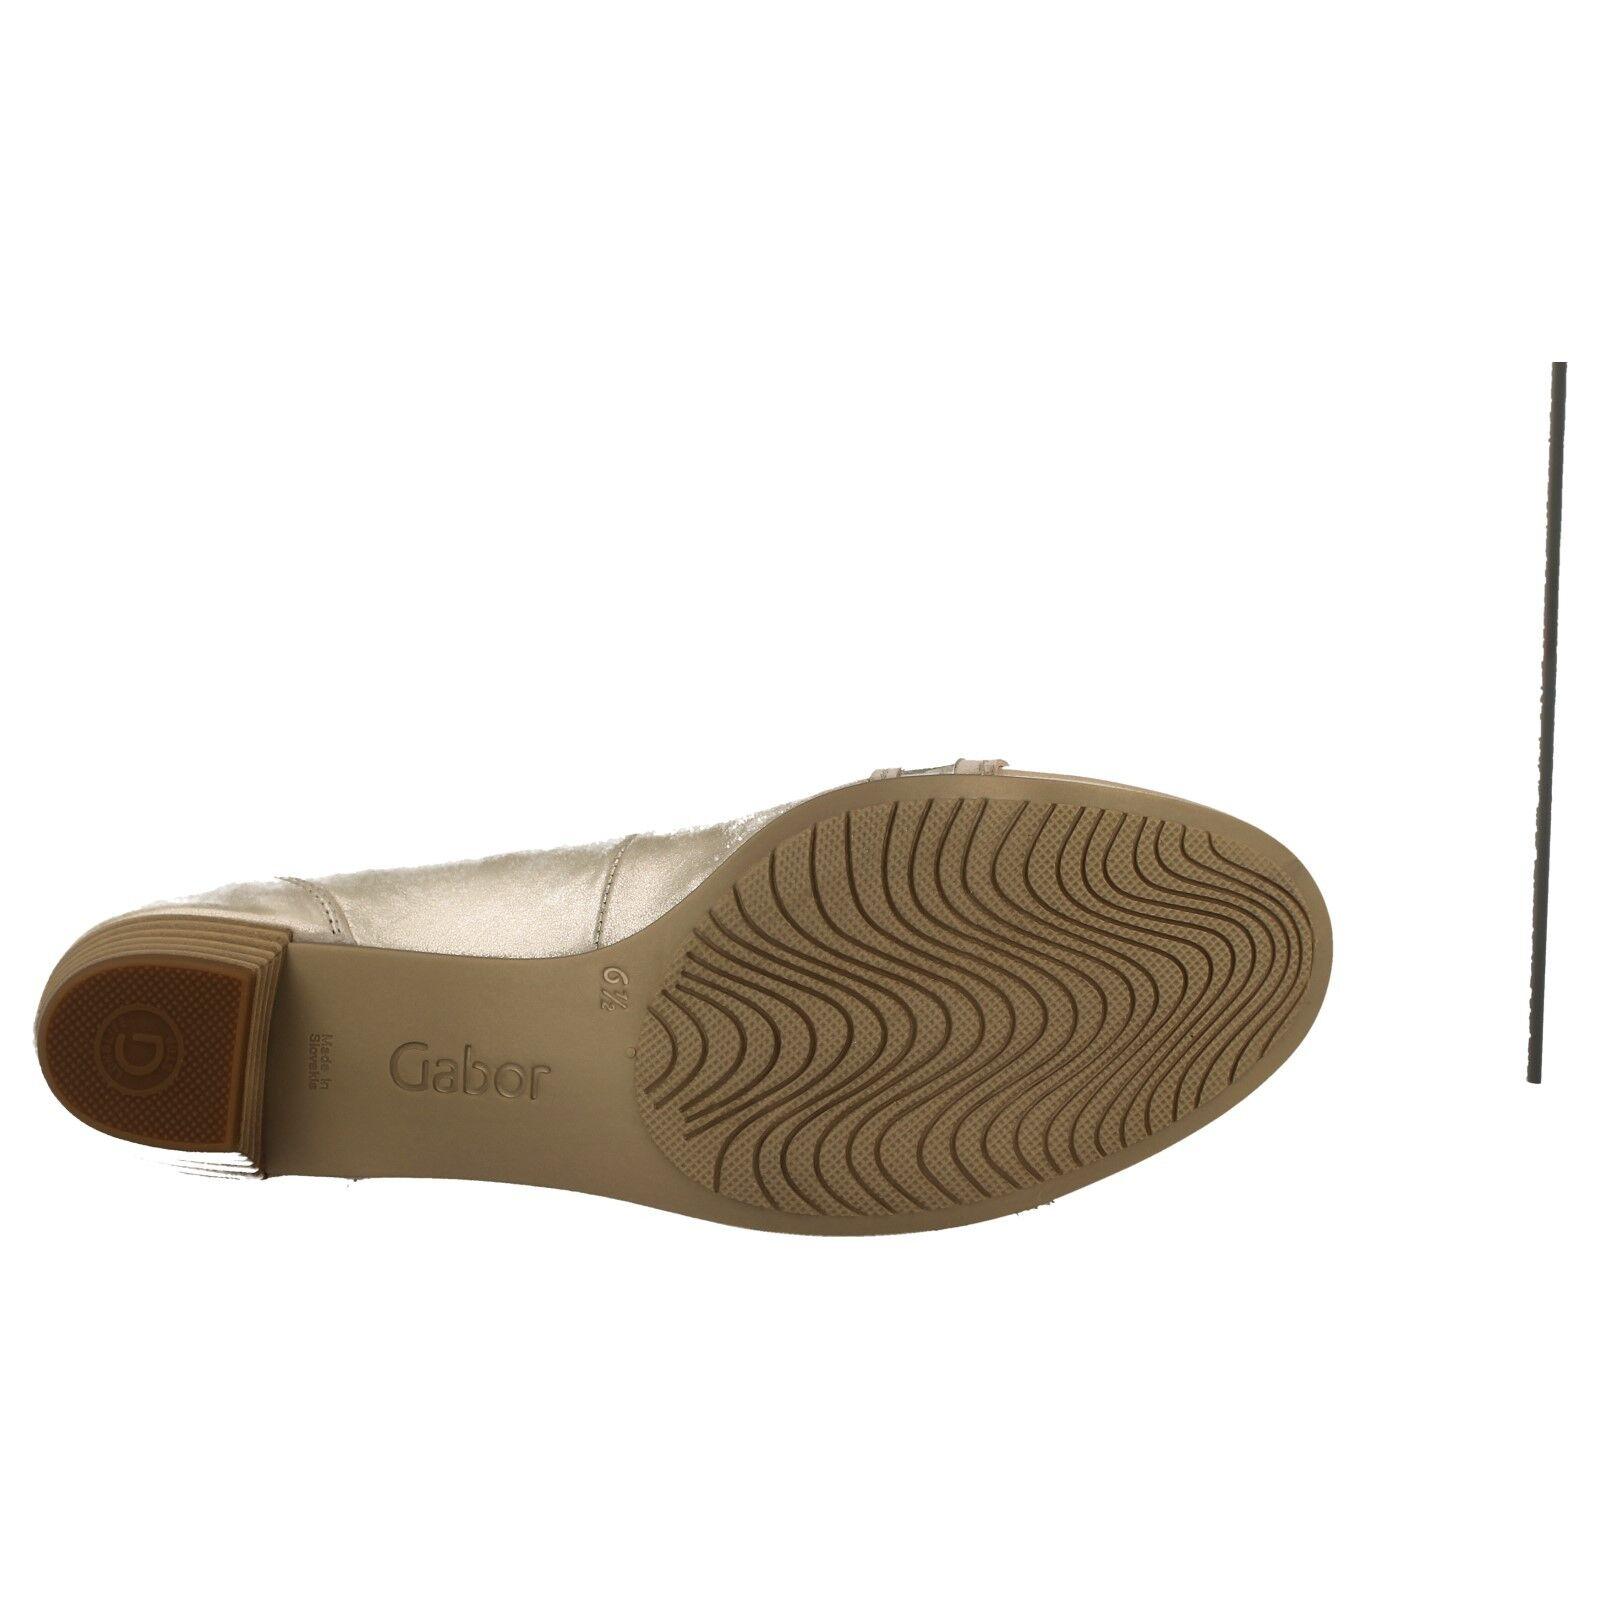 Ladies Gabor Gabor Gabor shoes - 26.224 390776